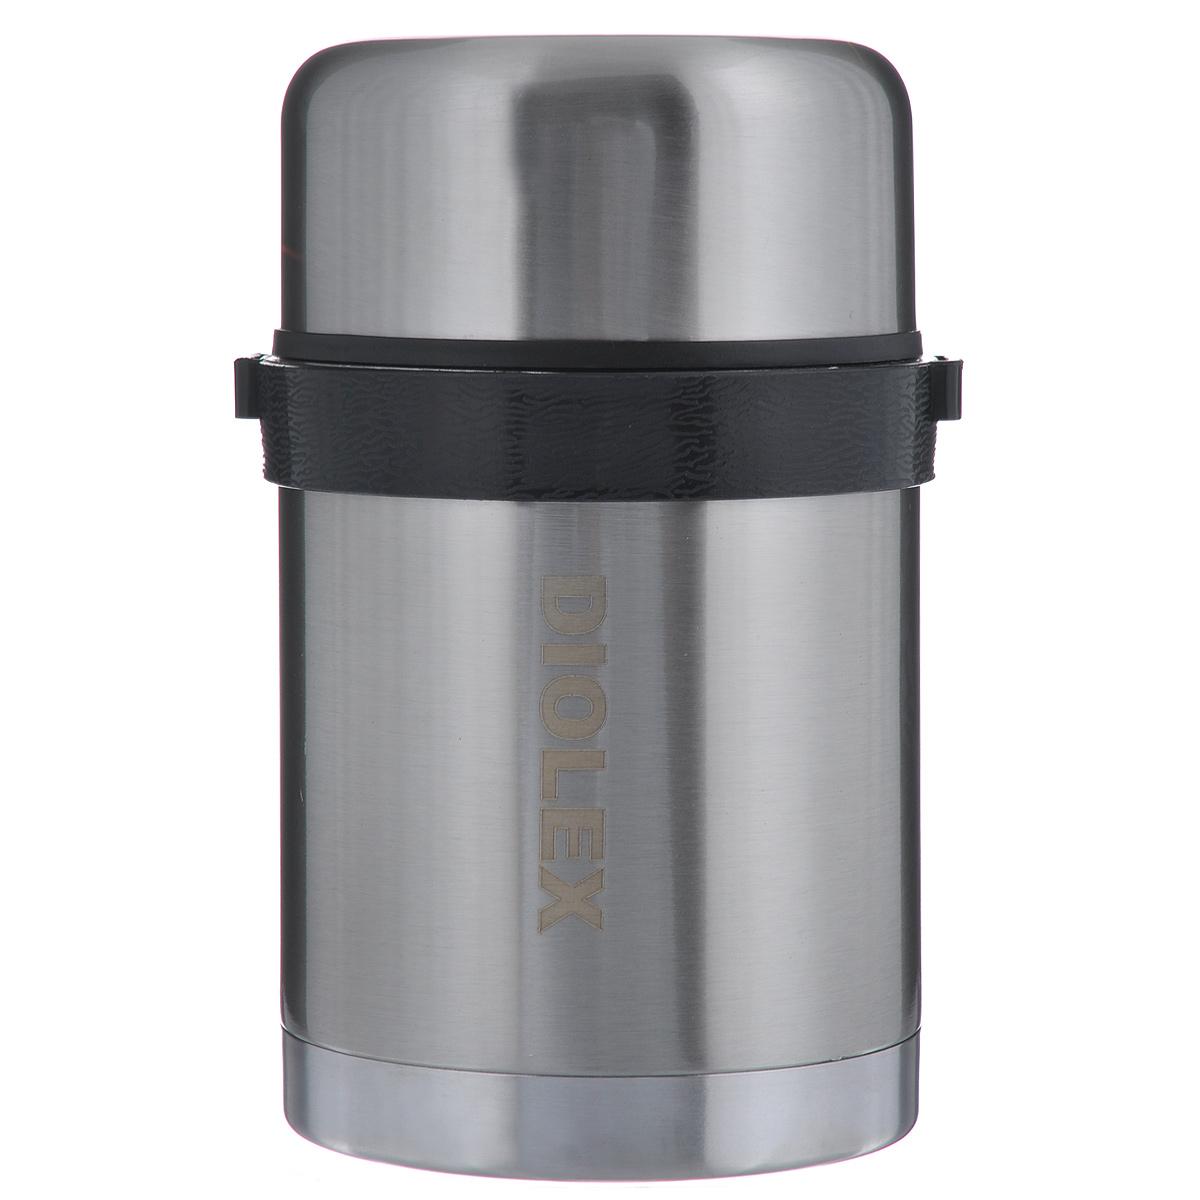 Термос Diolex, 0,8 л. DXF-800-1115510Термос Diolex изготовлен из высококачественной нержавеющей стали. Он имеет небьющуюся двойную внутреннюю колбу и изолированную крышку. Съемный ремешок для переноски делает использование термоса легким и удобным.Термос сохраняет напитки и продукты горячими в течение 12 часов, а холодными в течение 24 часов. Легкий и прочный термос Diolex идеально подойдет для транспортировки и путешествий. Высота термоса (с учетом крышки): 18 см. Диаметр основания: 10 см. Объем термоса: 0,8 л. Материал: нержавеющая сталь, пластик, текстиль.